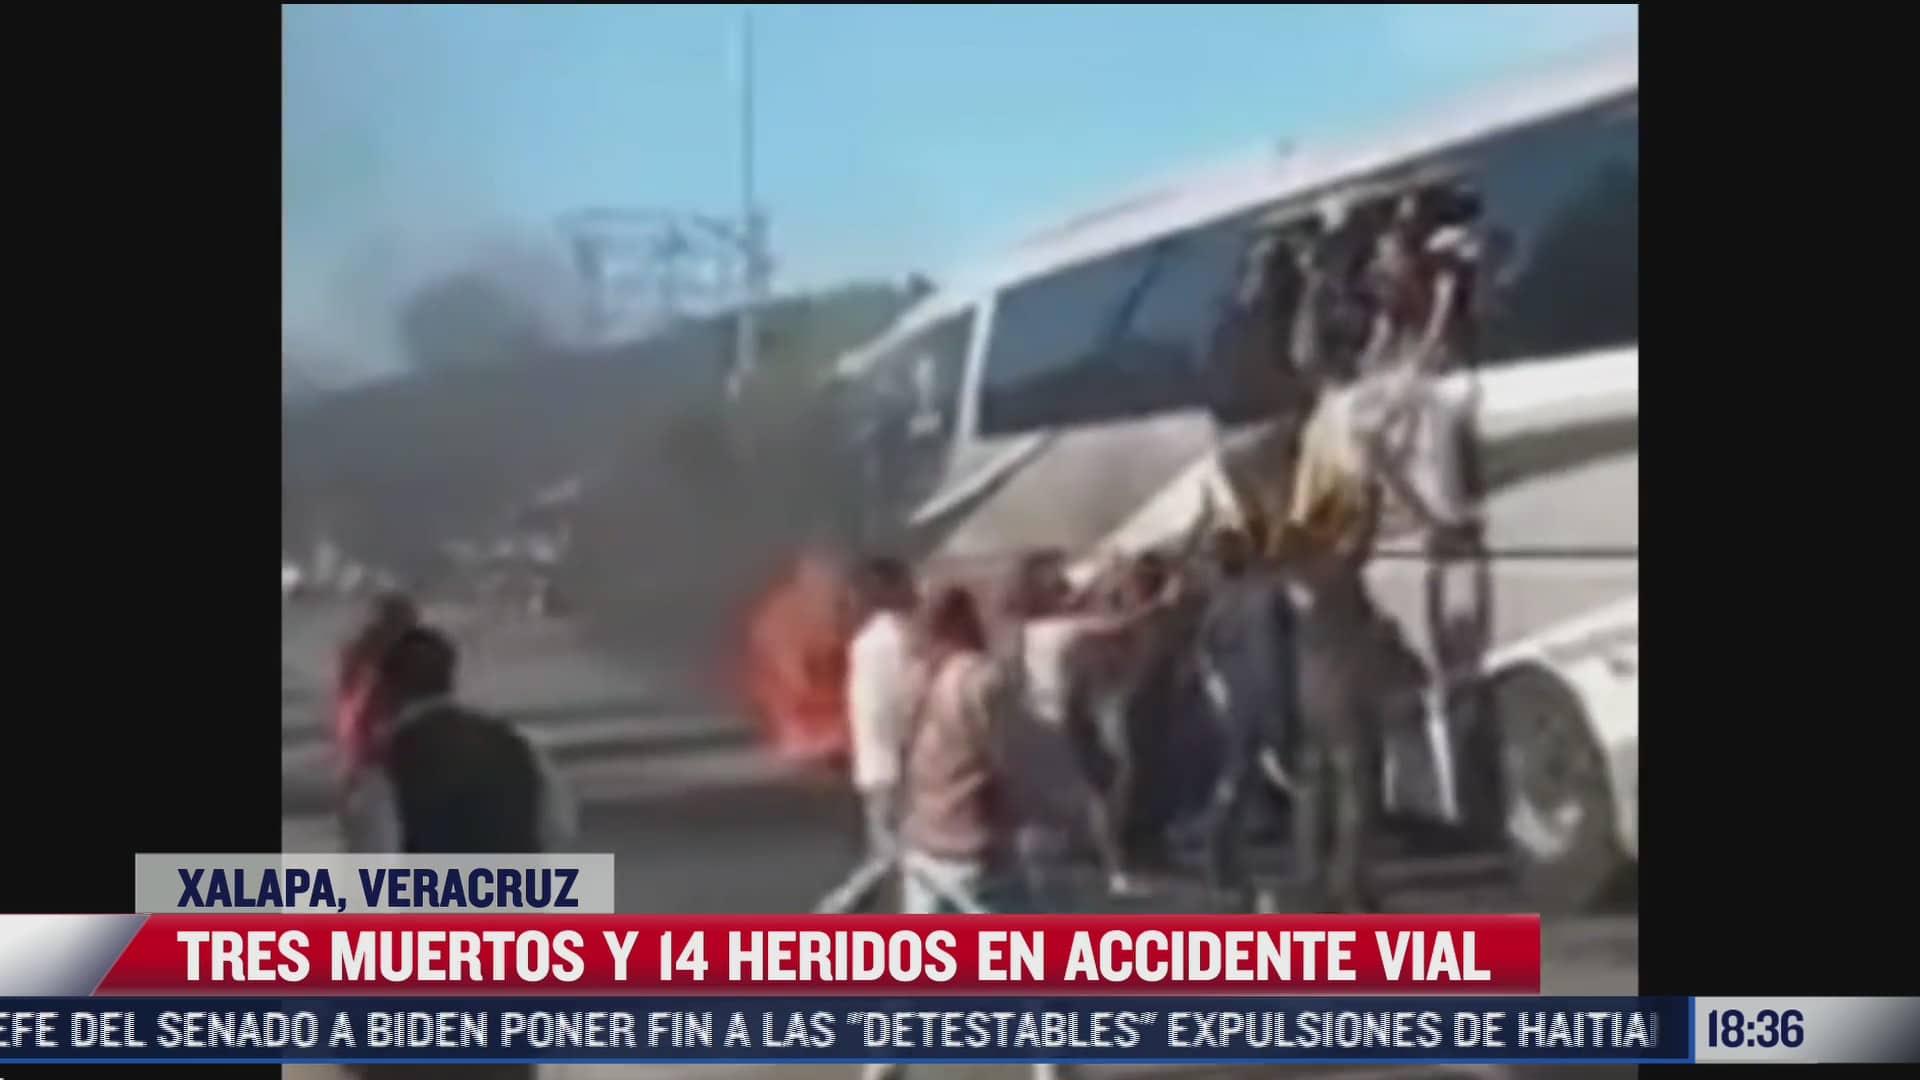 tres muertos y 14 heridos deja accidente vial en xalapa veracruz